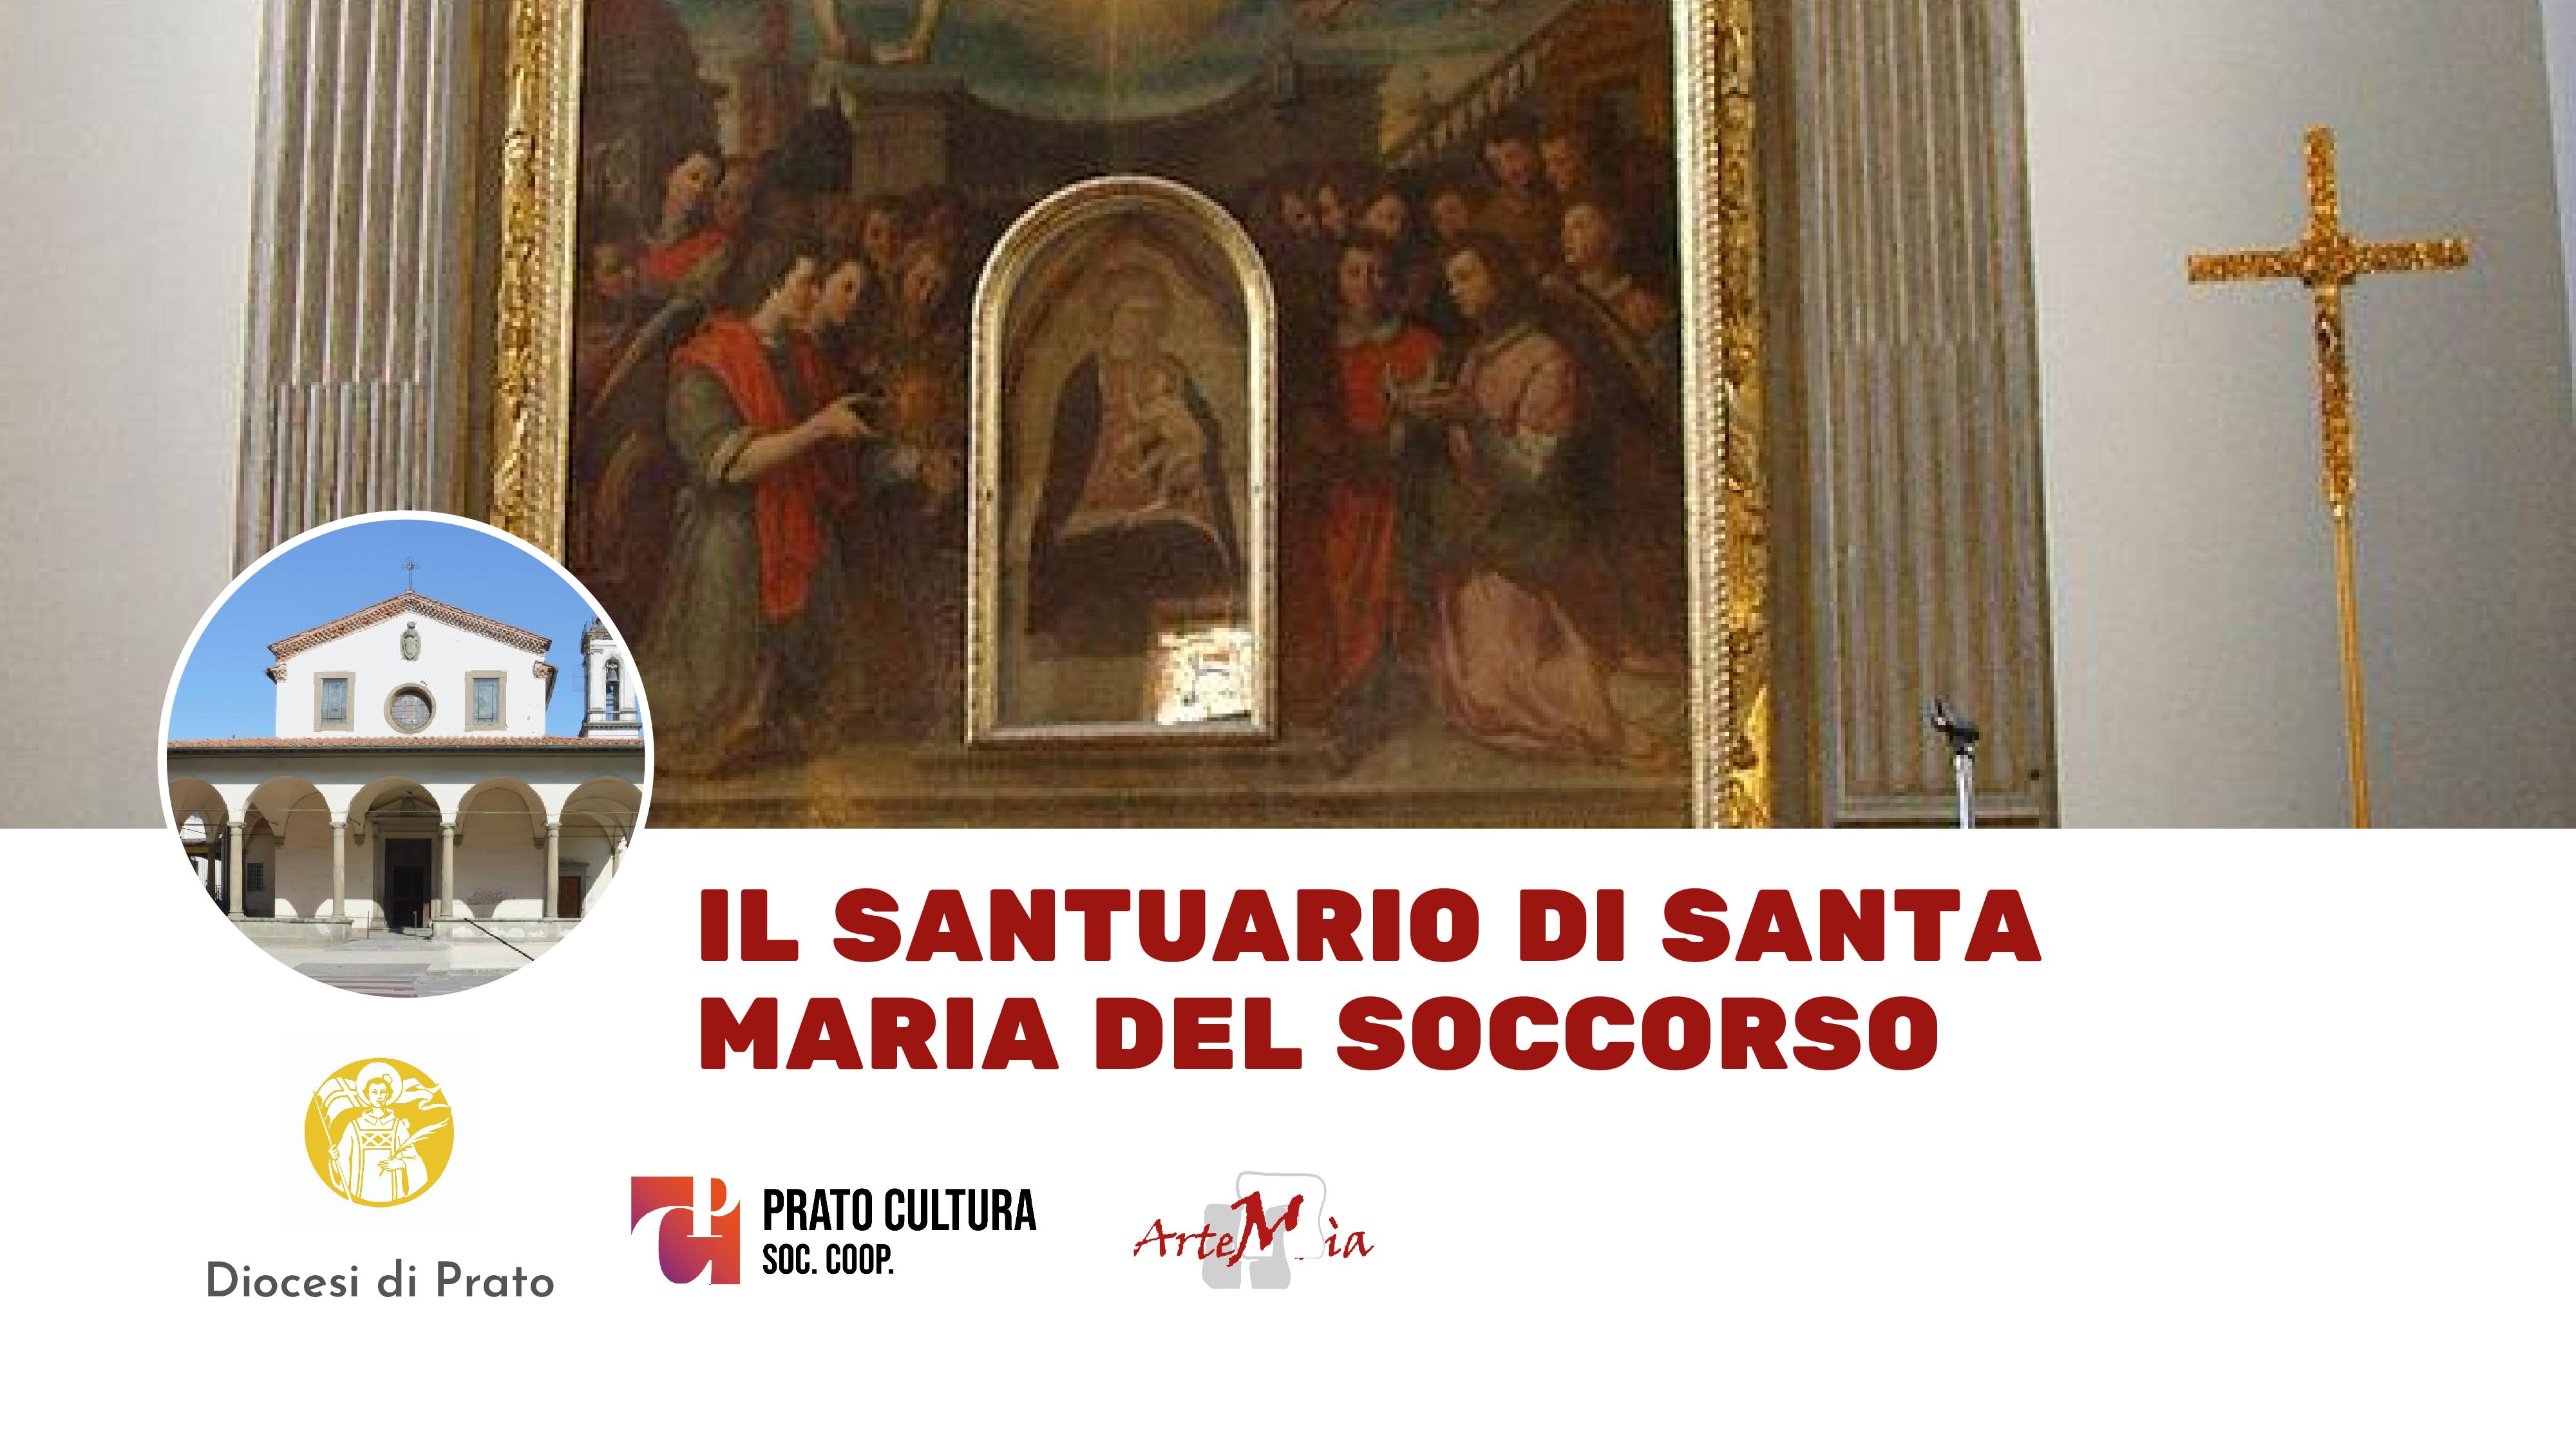 Visita: Il Santuario di Santa Maria del Soccorso a Prato